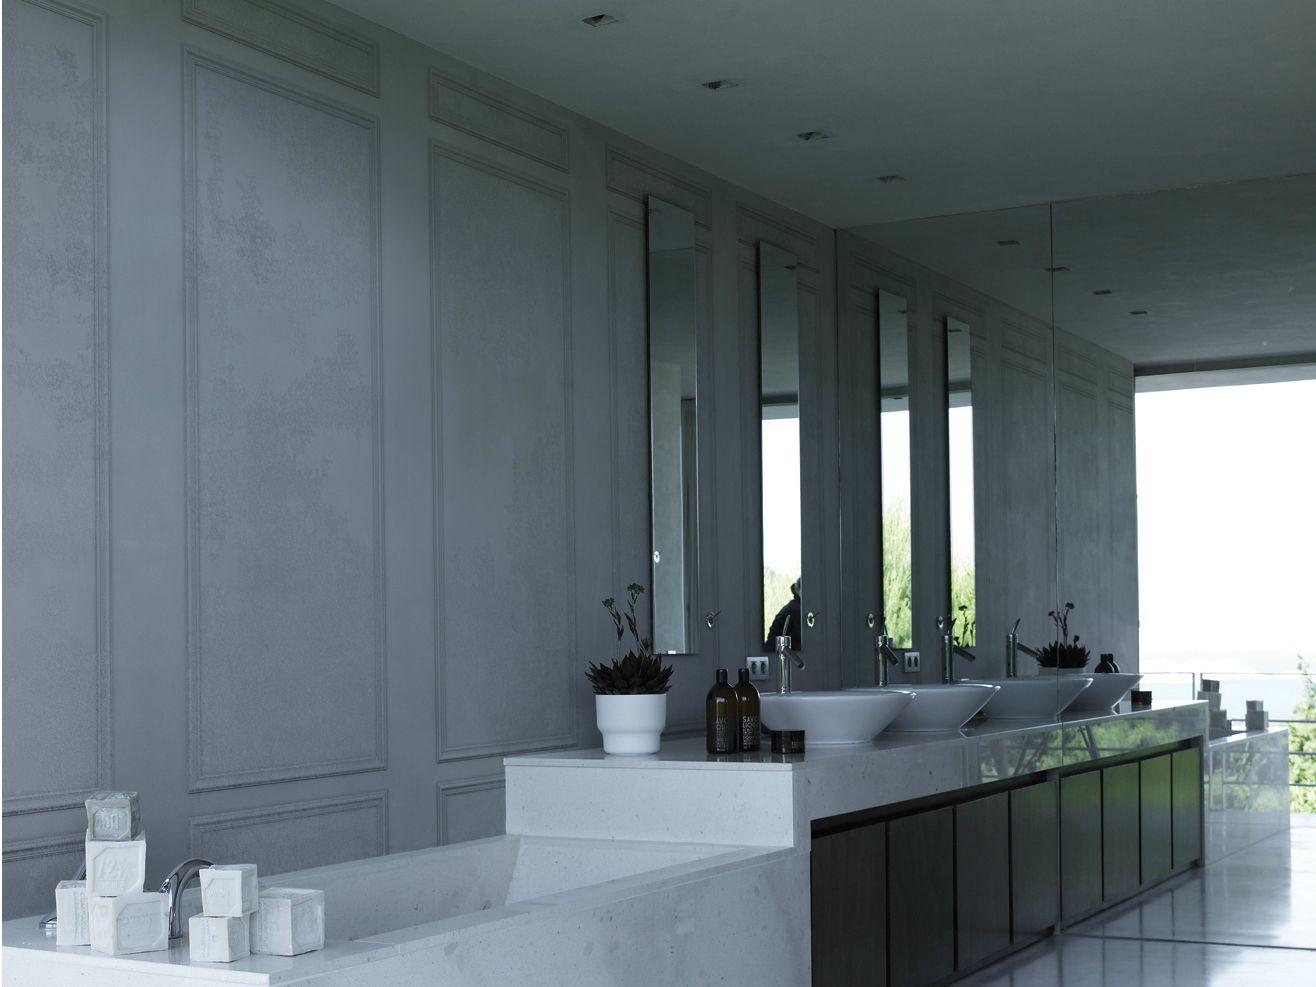 papier peint aspect bois trompe l 39 oeil pour salle de bain le grand palais by wall dec design. Black Bedroom Furniture Sets. Home Design Ideas